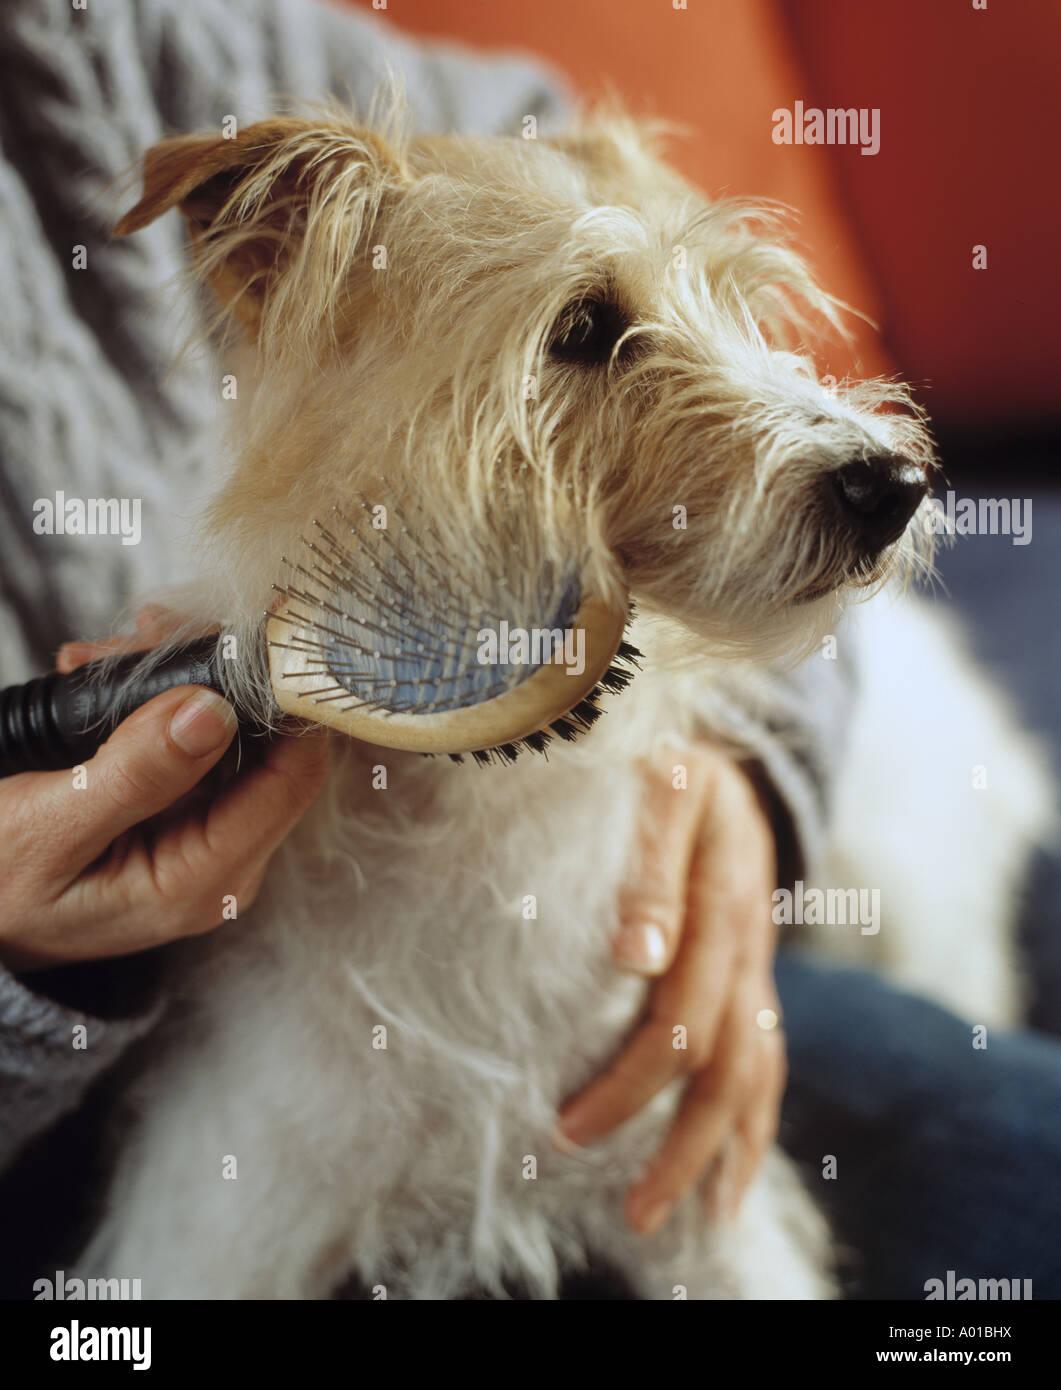 Un propietario arreglar un terrier pelo de alambre Imagen De Stock